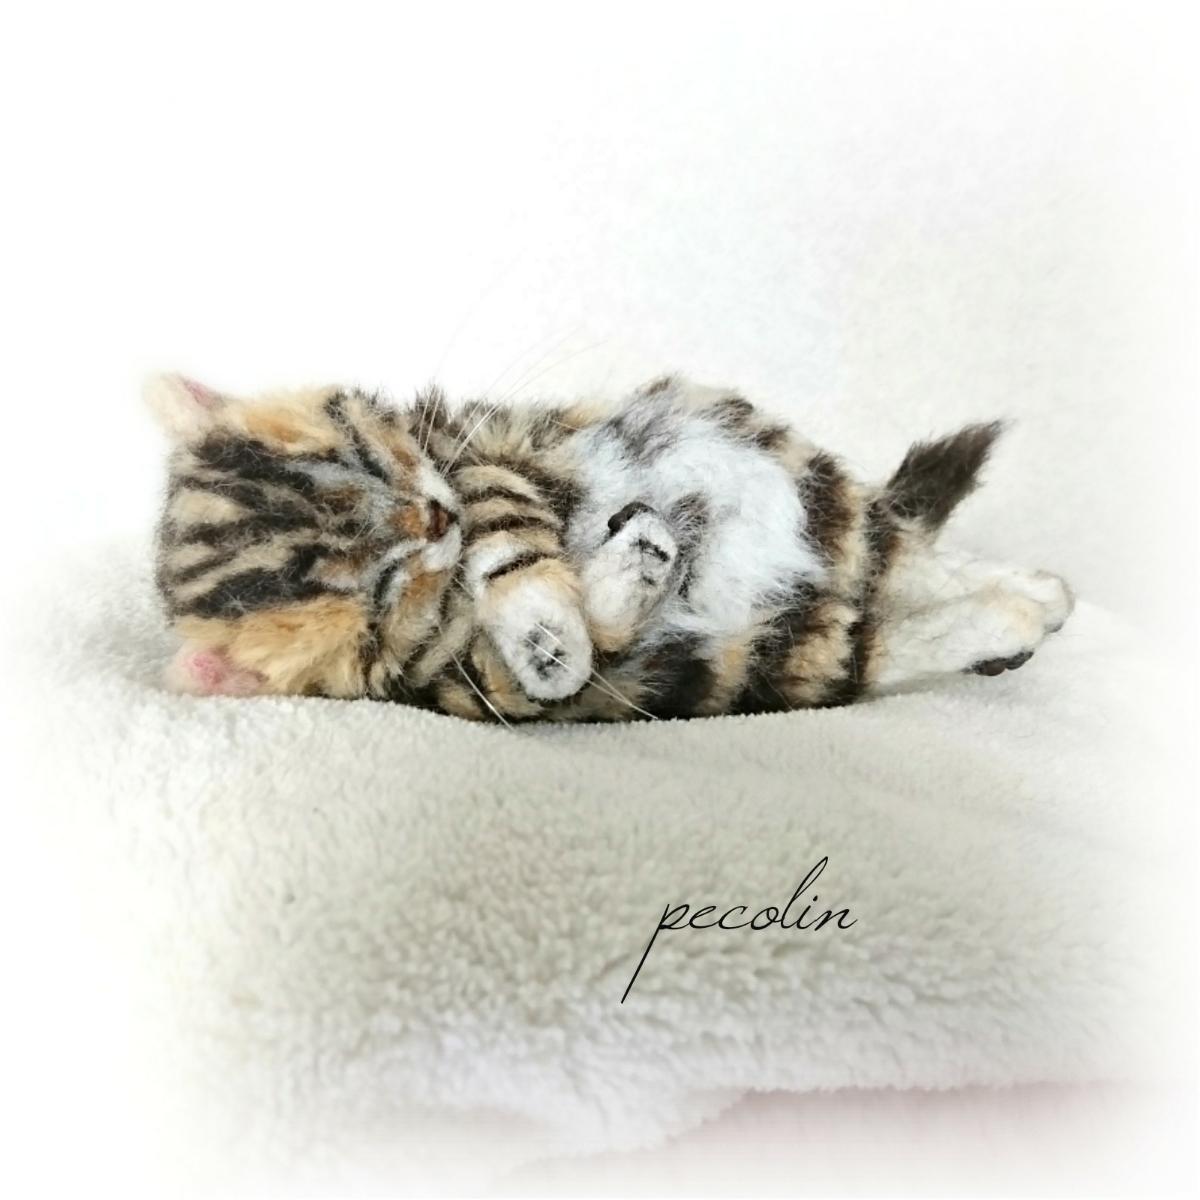 peco-lin 羊毛フェルト すやすや眠るベンガルの赤ちゃん 猫 ハンドメイド 眠り猫_画像2